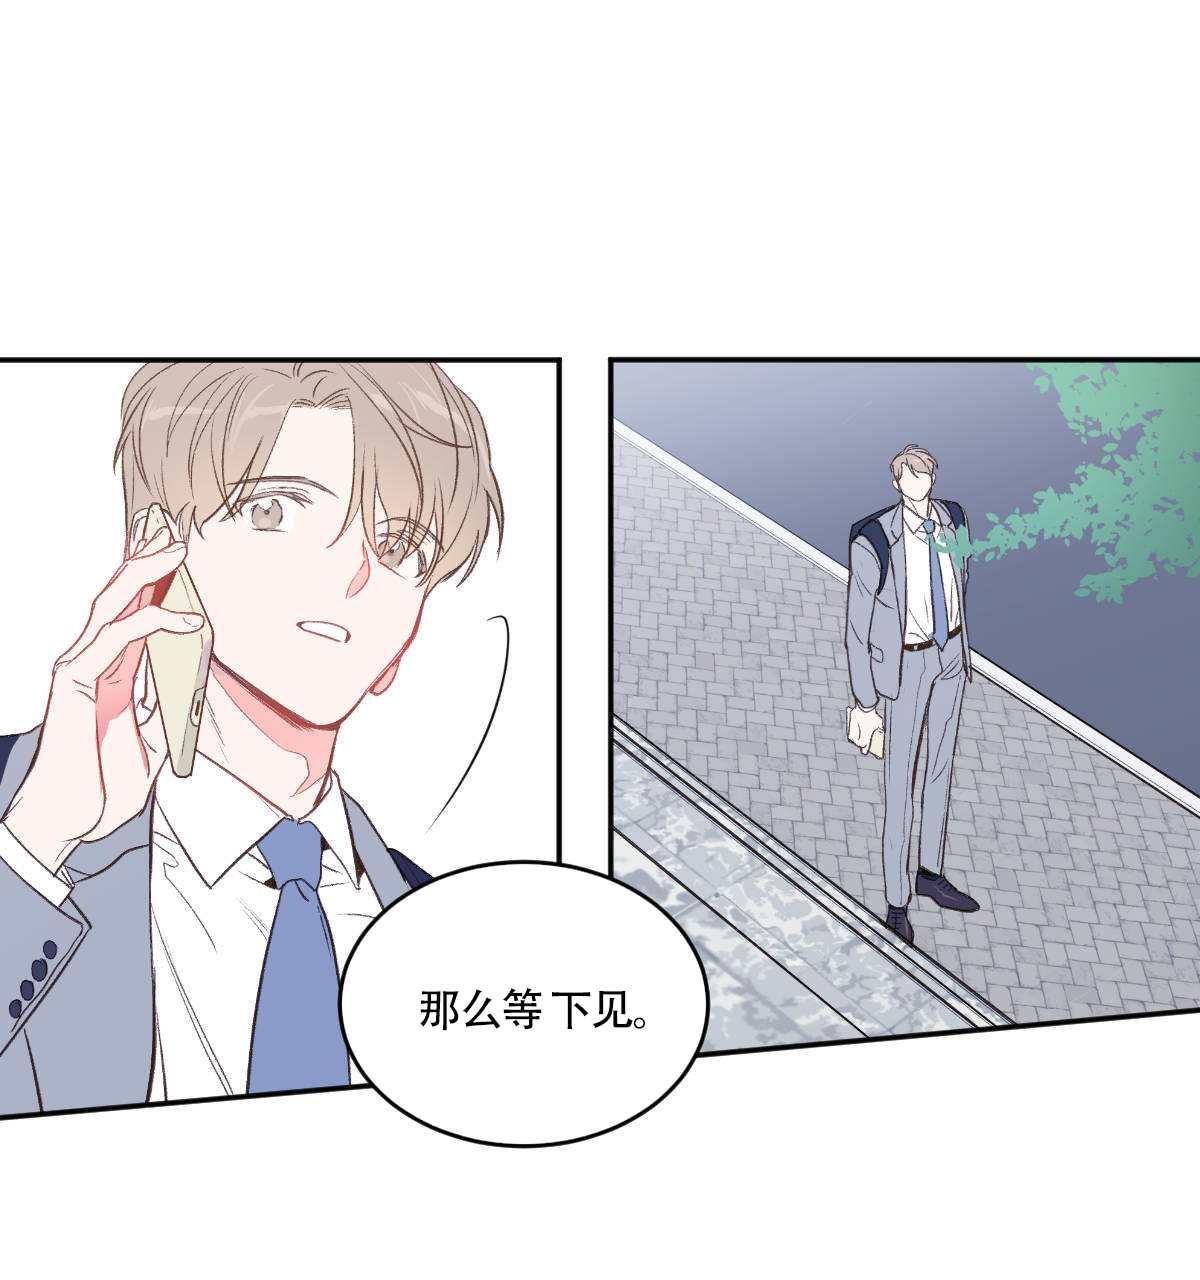 韩漫《新入职员》撩走办公室最可怕的大魔王!  第9张